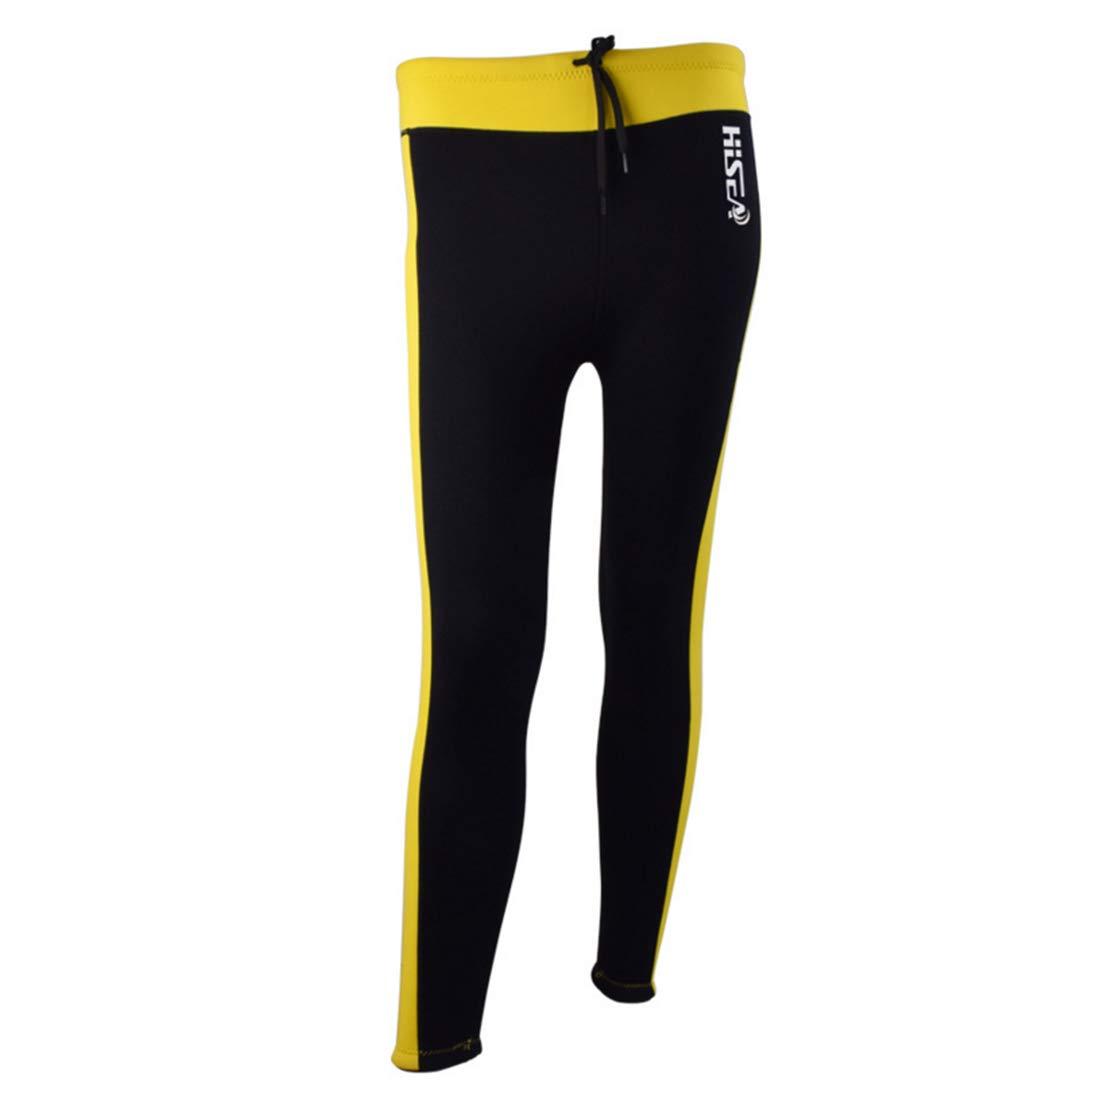 KERVINJESSIE Wetsuit Long Pants Women's 2.5mm Neoprene Fabric Water Sports Warmth